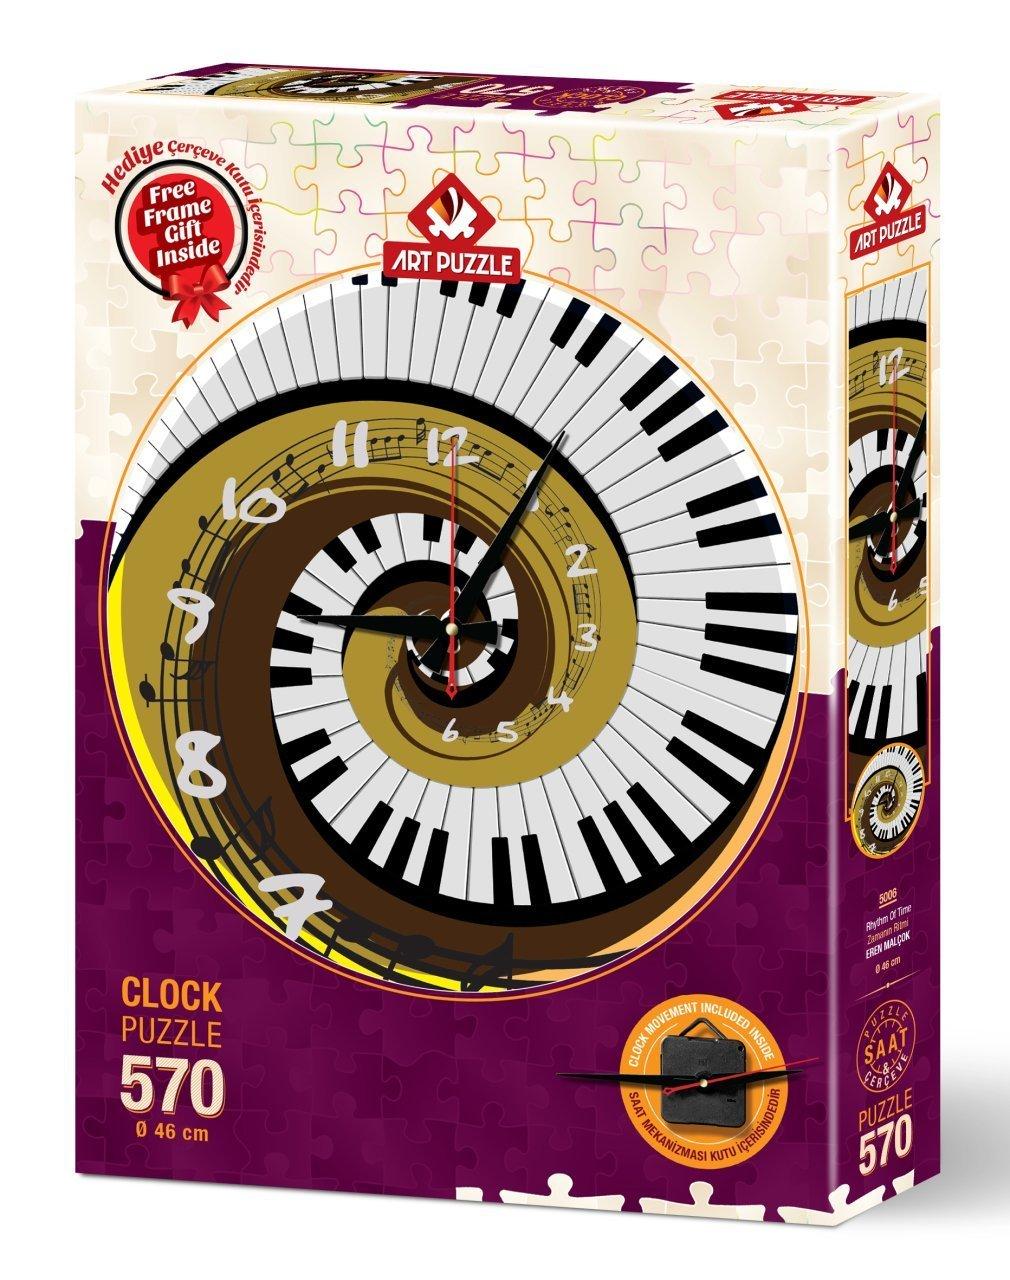 Puzzle Reloj Art Puzzle Ritmo del Tiempo 570 Piezas